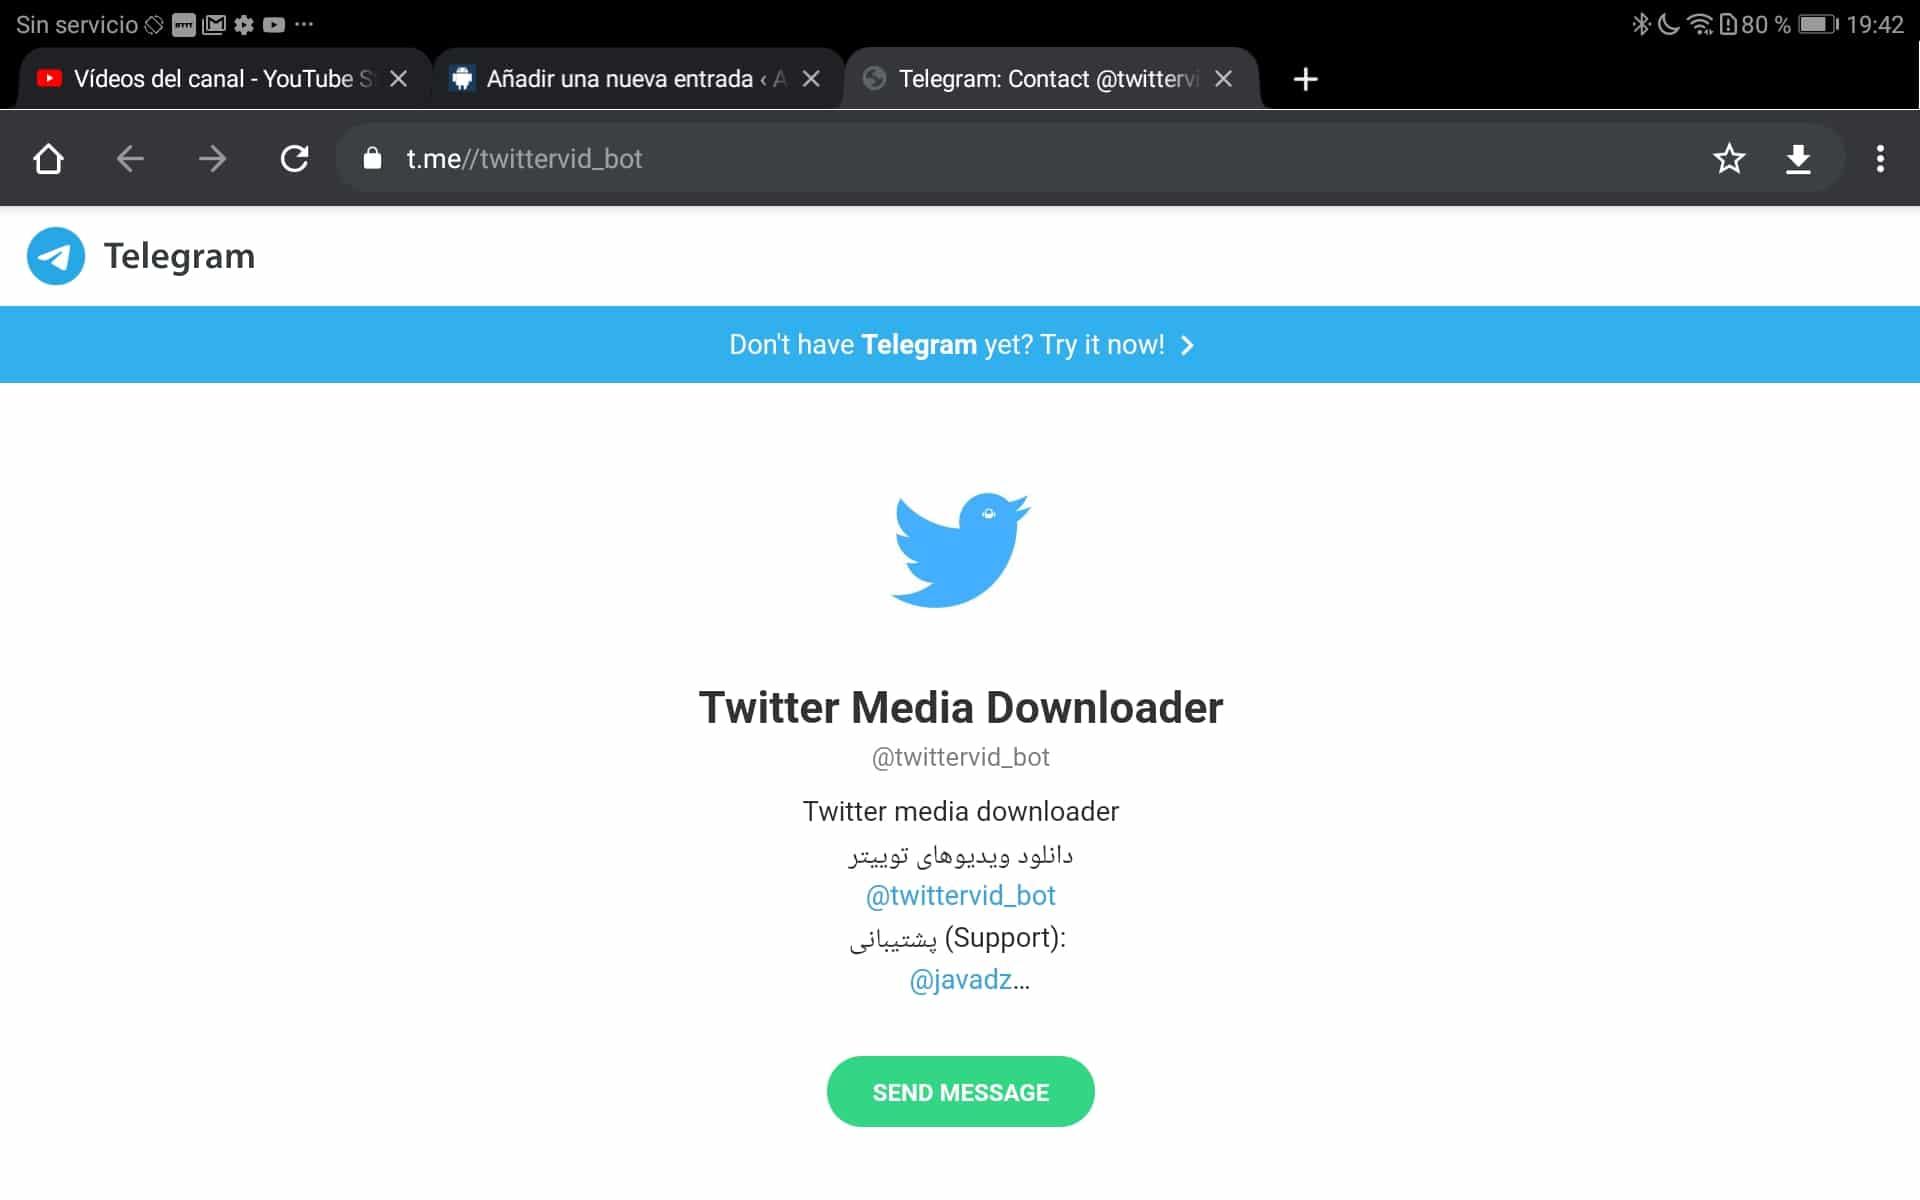 Twitter Media Downloader Bot Telegram